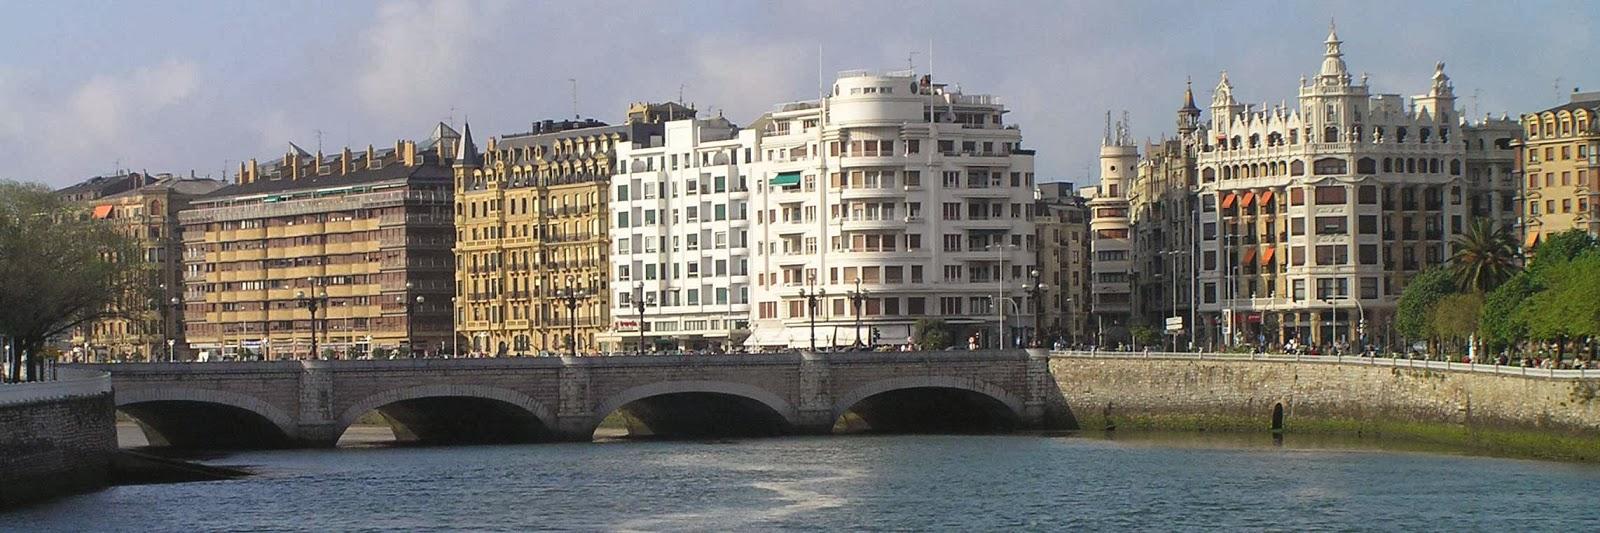 Puente de Santa Catalina de San Sebastián.